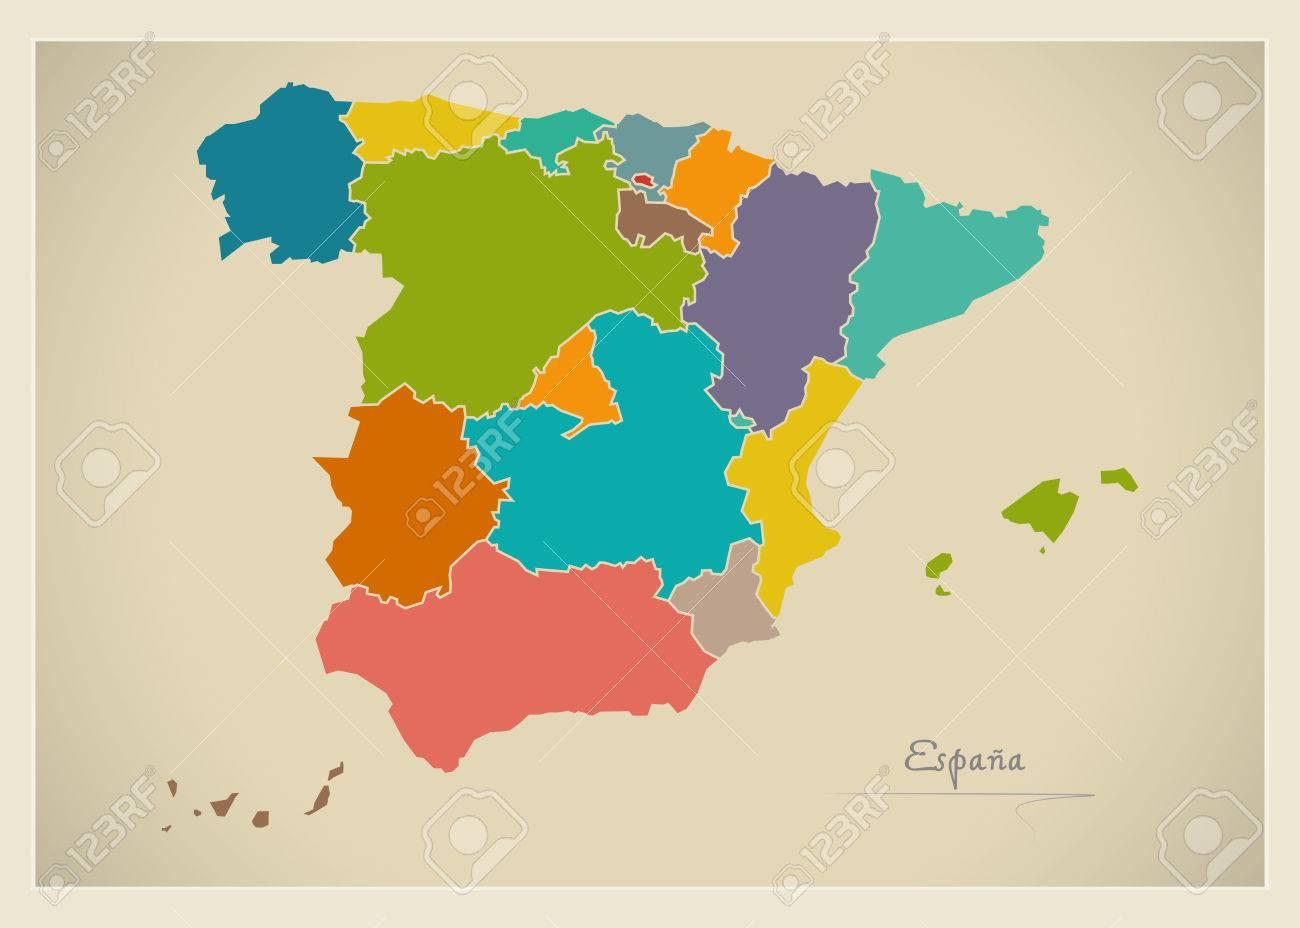 Spain map artwork color illustration - 65018865